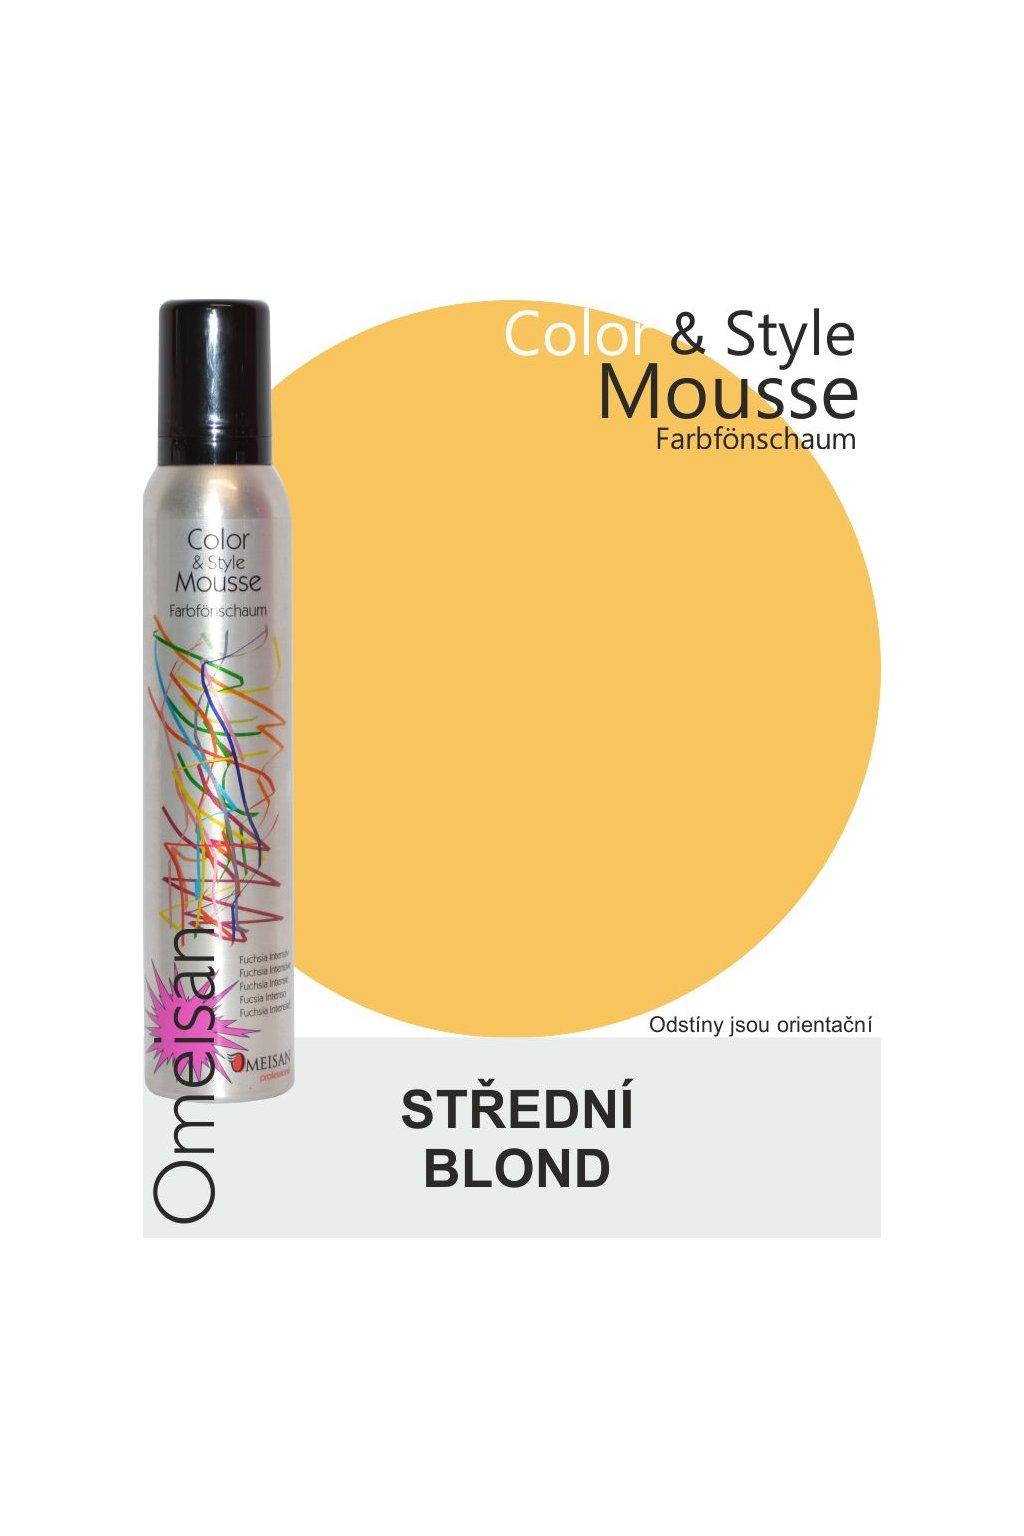 Omeisan Barevná pěna tužící Mittelblond 200ml Střední blond